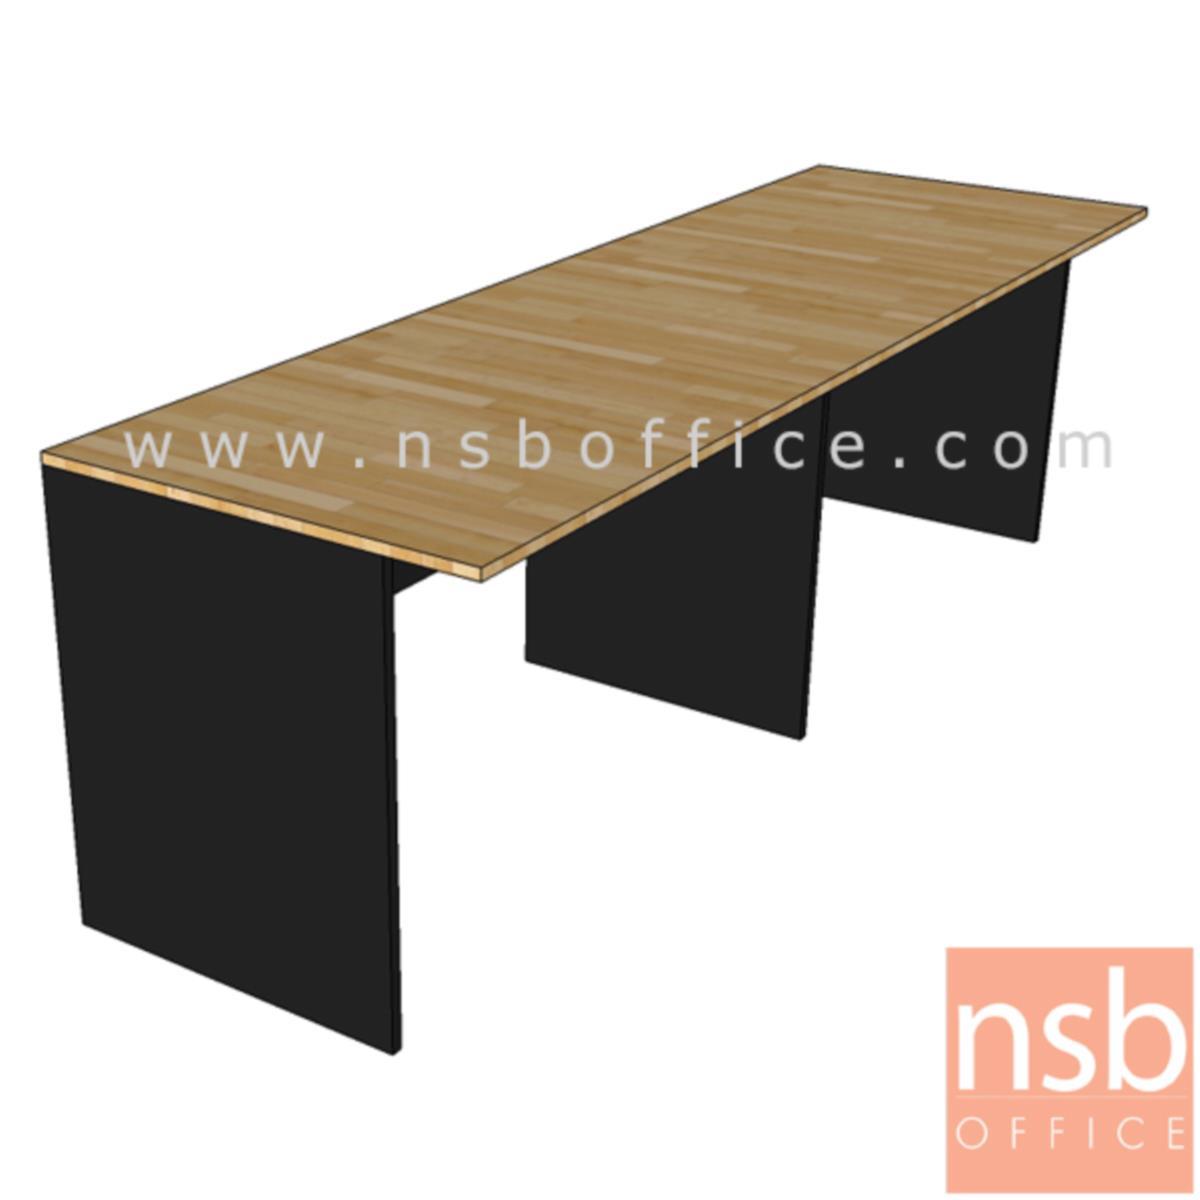 โต๊ะประชุม 3 ที่นั่ง  ขนาด 240W*75D cm.   Top ยื่น 10 cm. เมลามีน